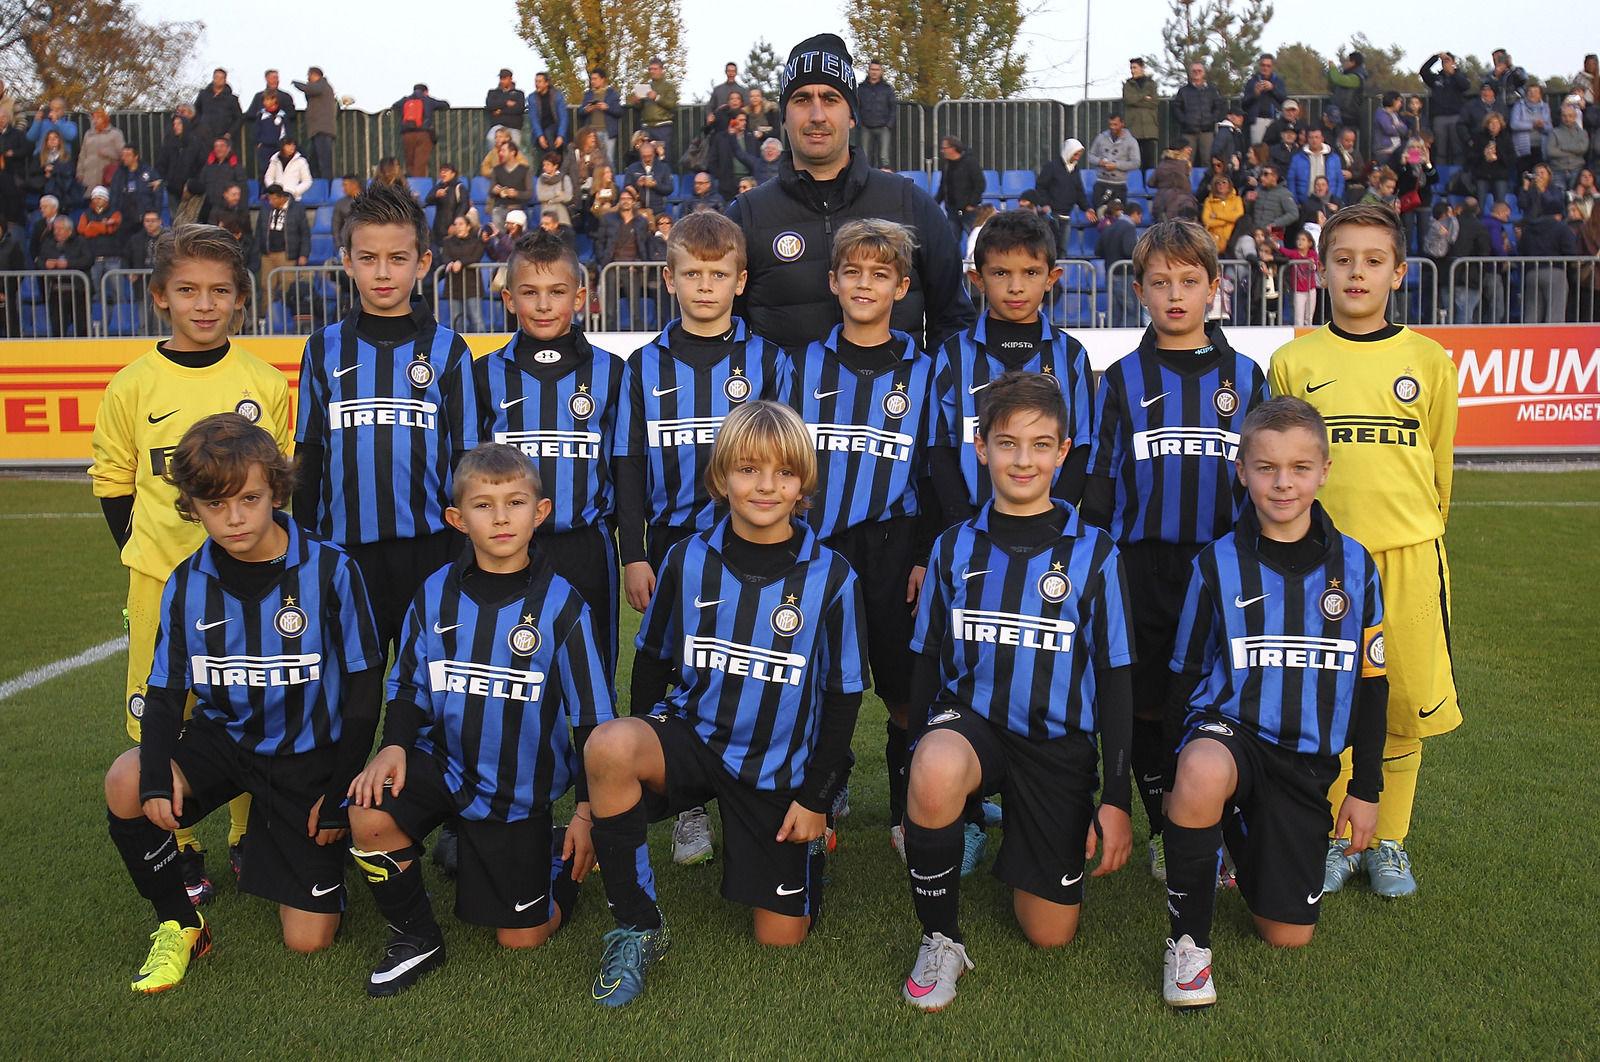 La giornata di Inter Grassroots Program ad Appiano